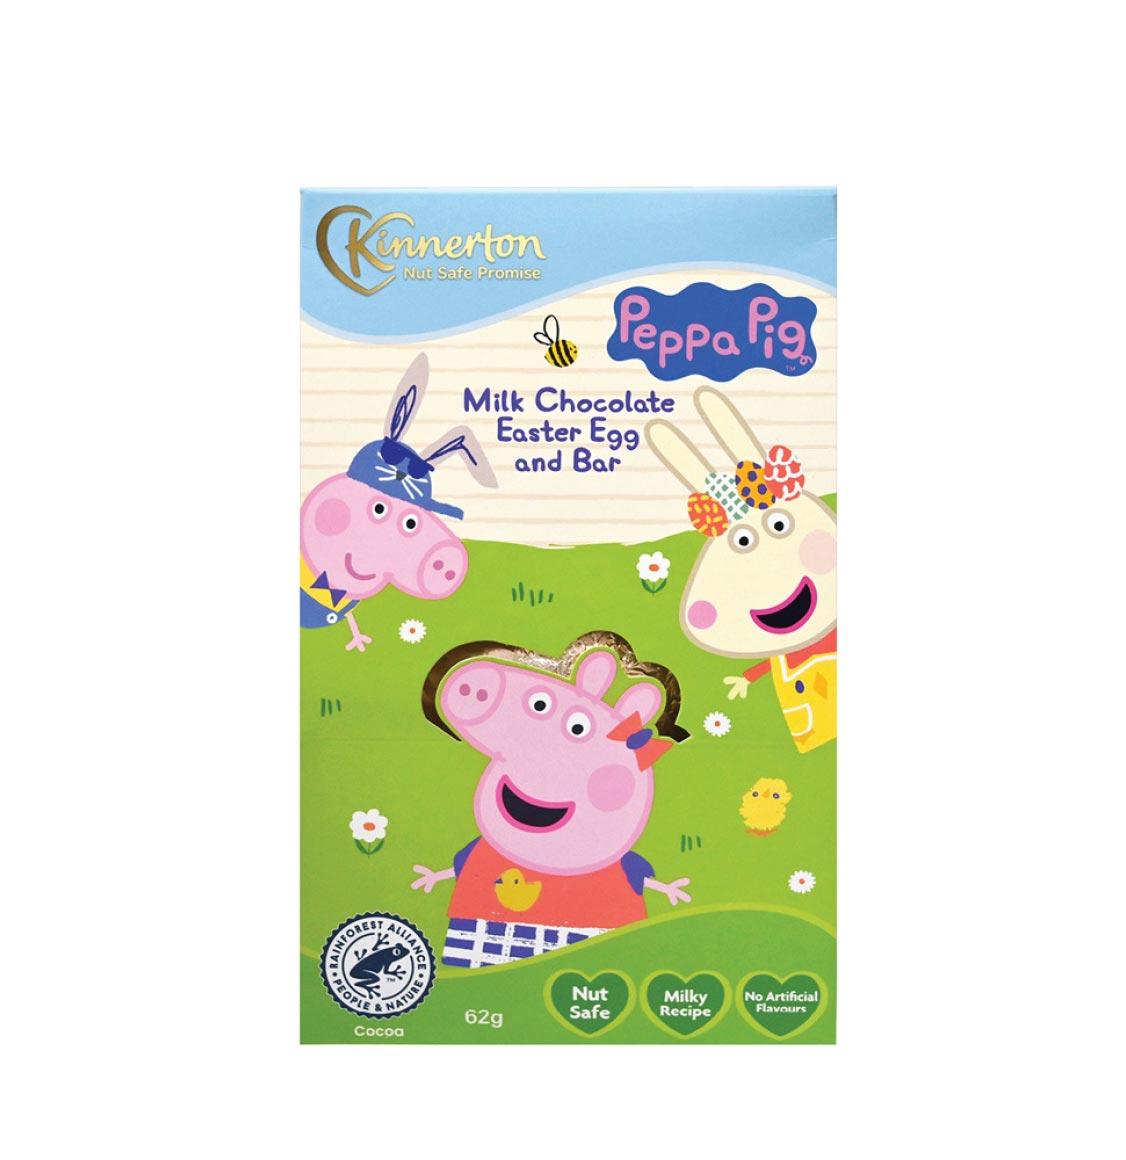 Kinnerton Peppa Pig Easter Egg 62g